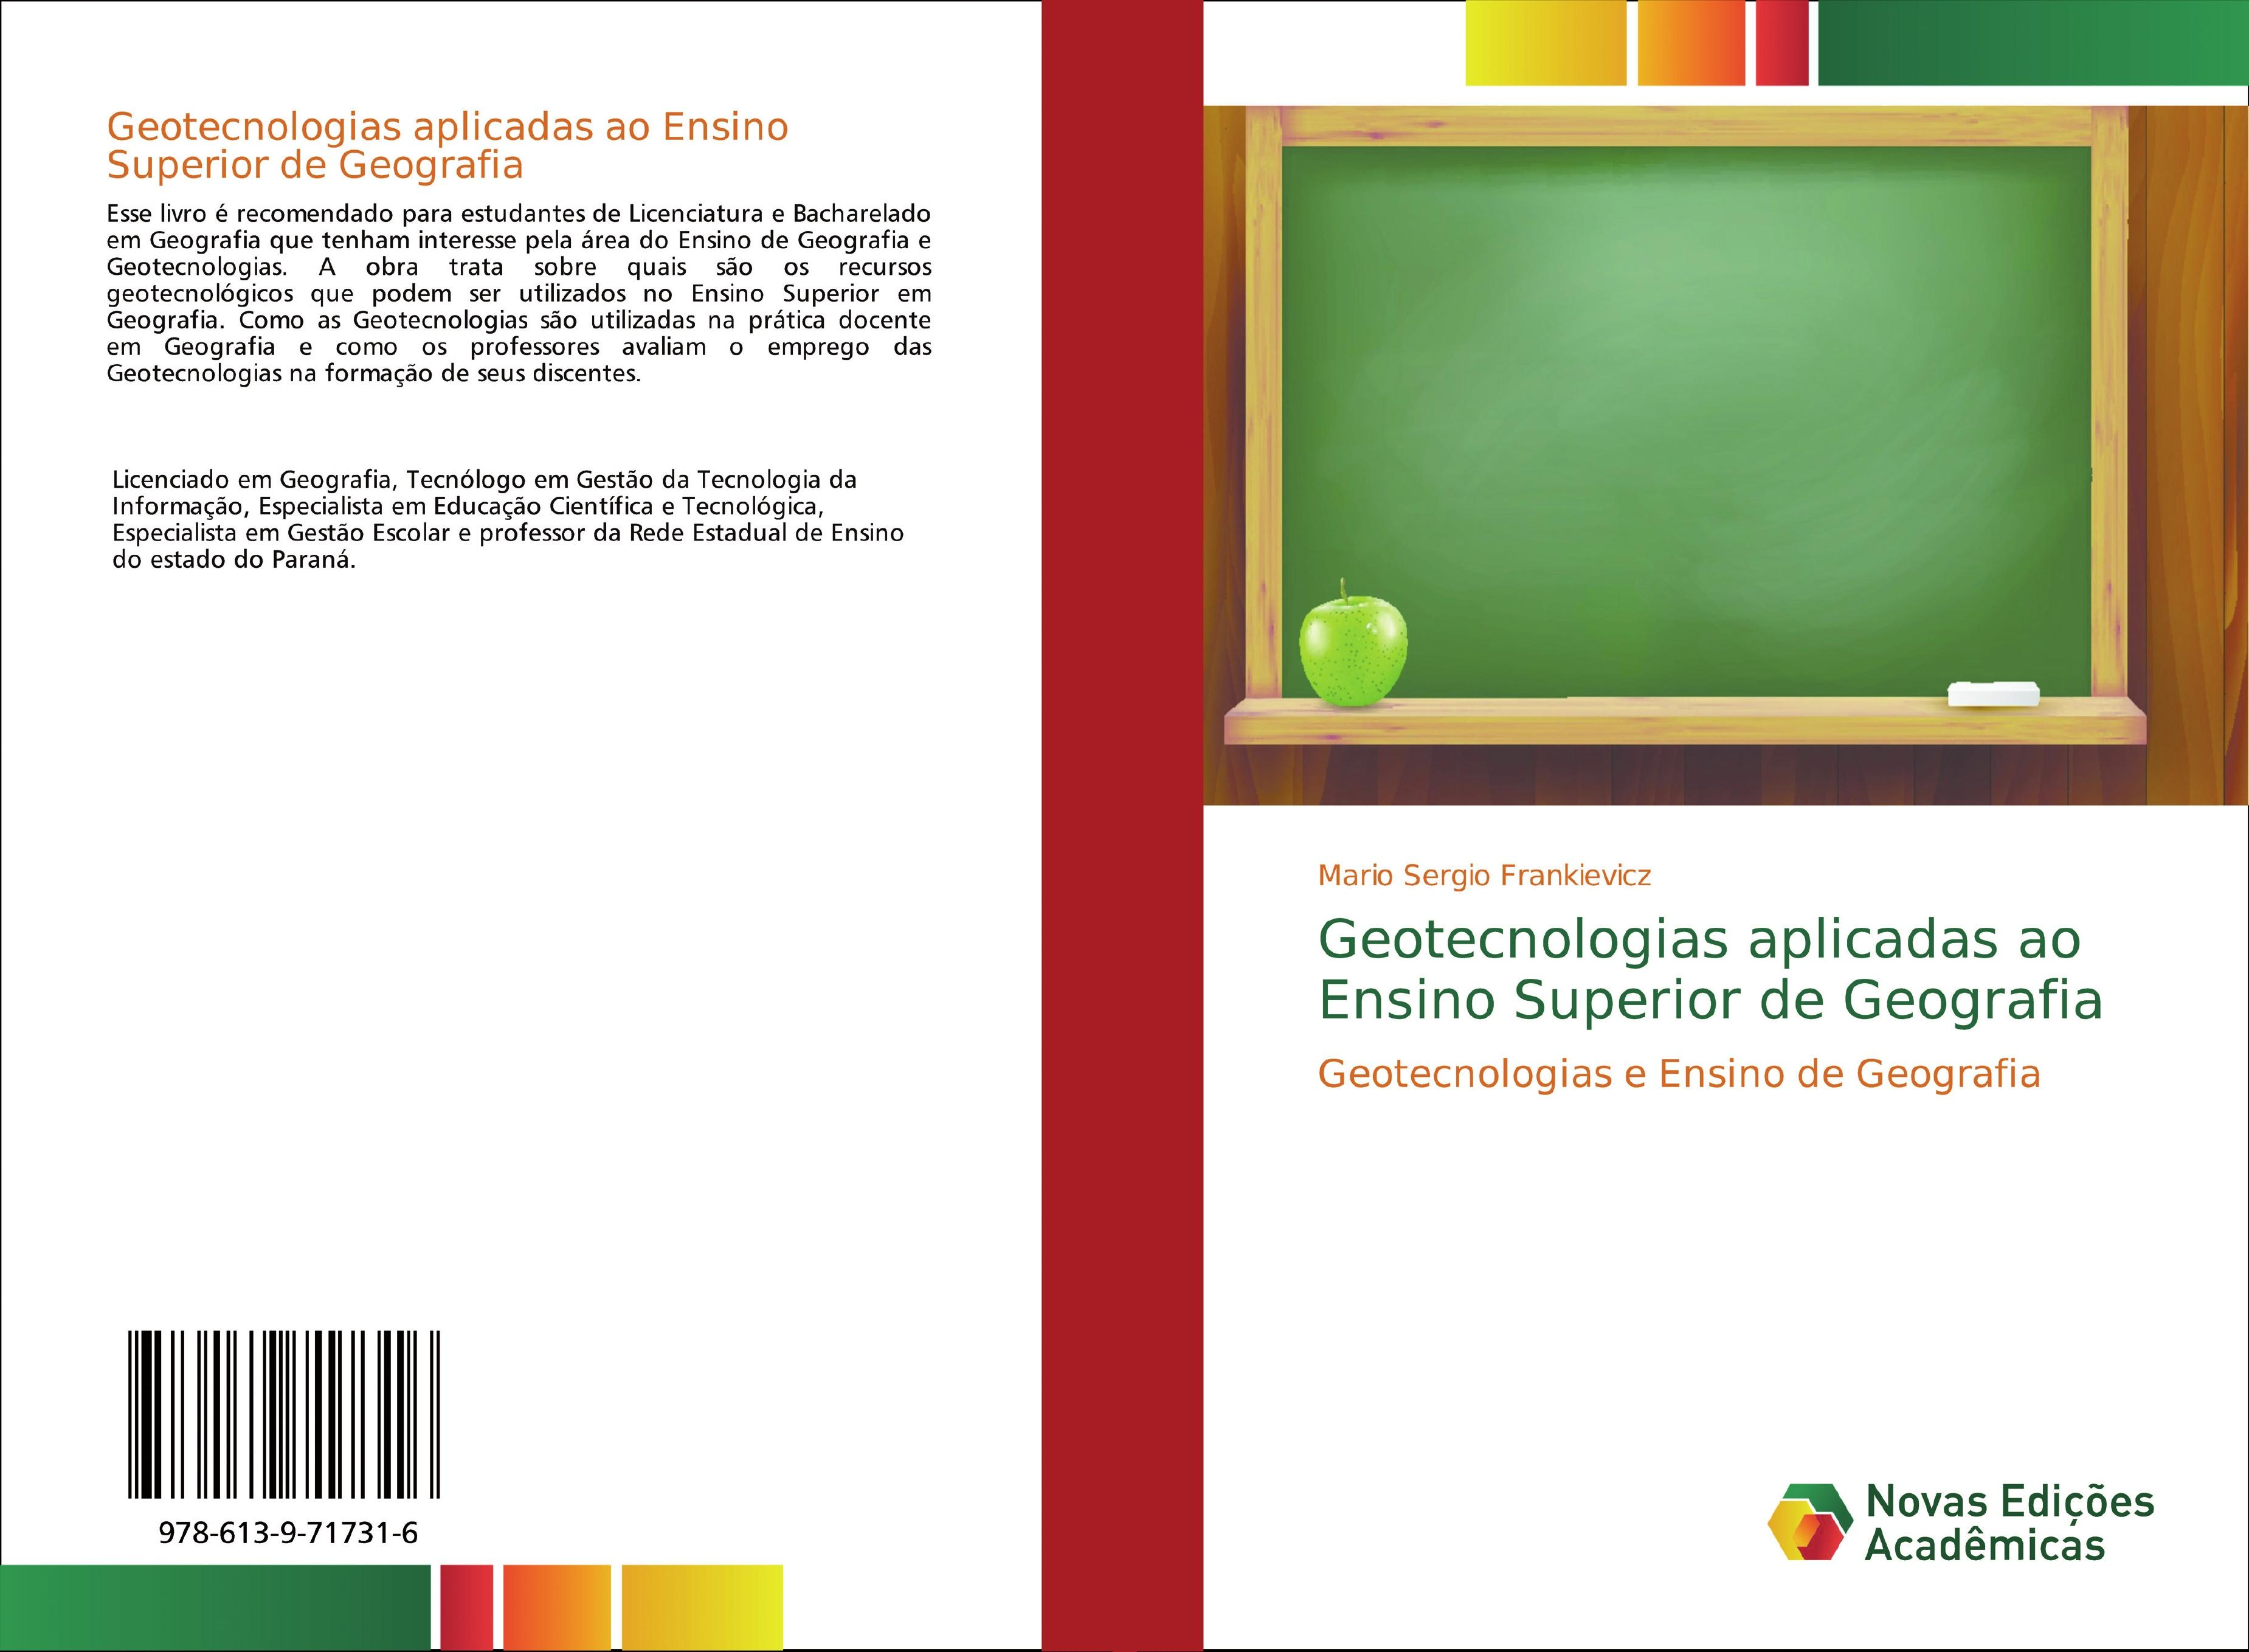 Geotecnologias aplicadas ao Ensino Superior de Geografia: Geotecnologias e Ensino de Geografia